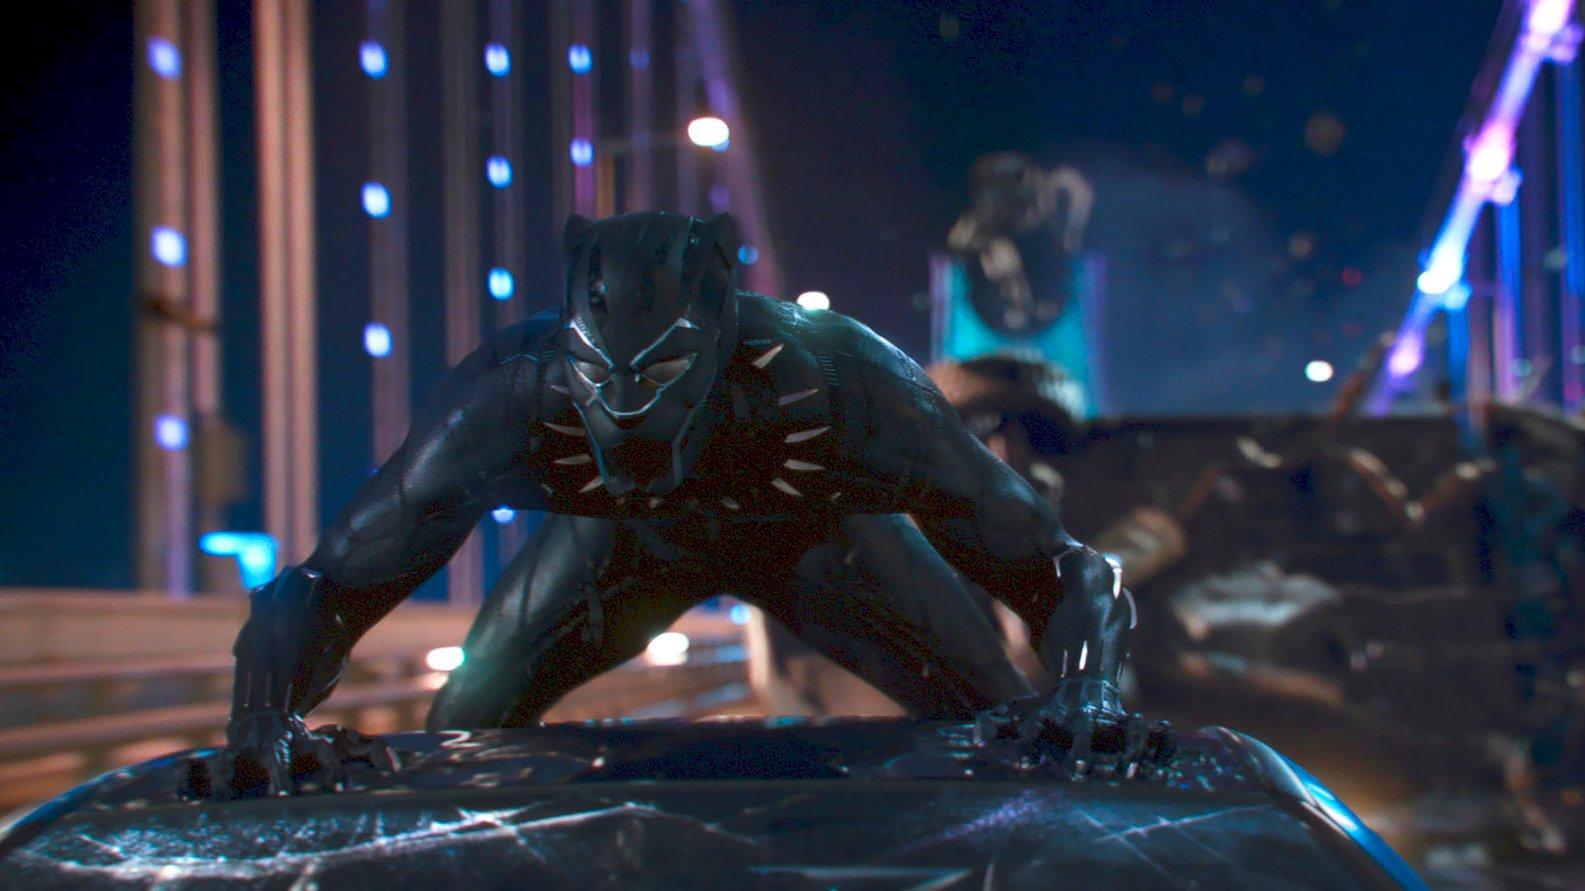 Black Panther logra mantenerse intratable con cifras escandalosas mientras los nuevos estrenos mejoran levemente las expectativas. Peter Rabbit sigue manteniéndose dentro del TOP 3 tras tres semanas.